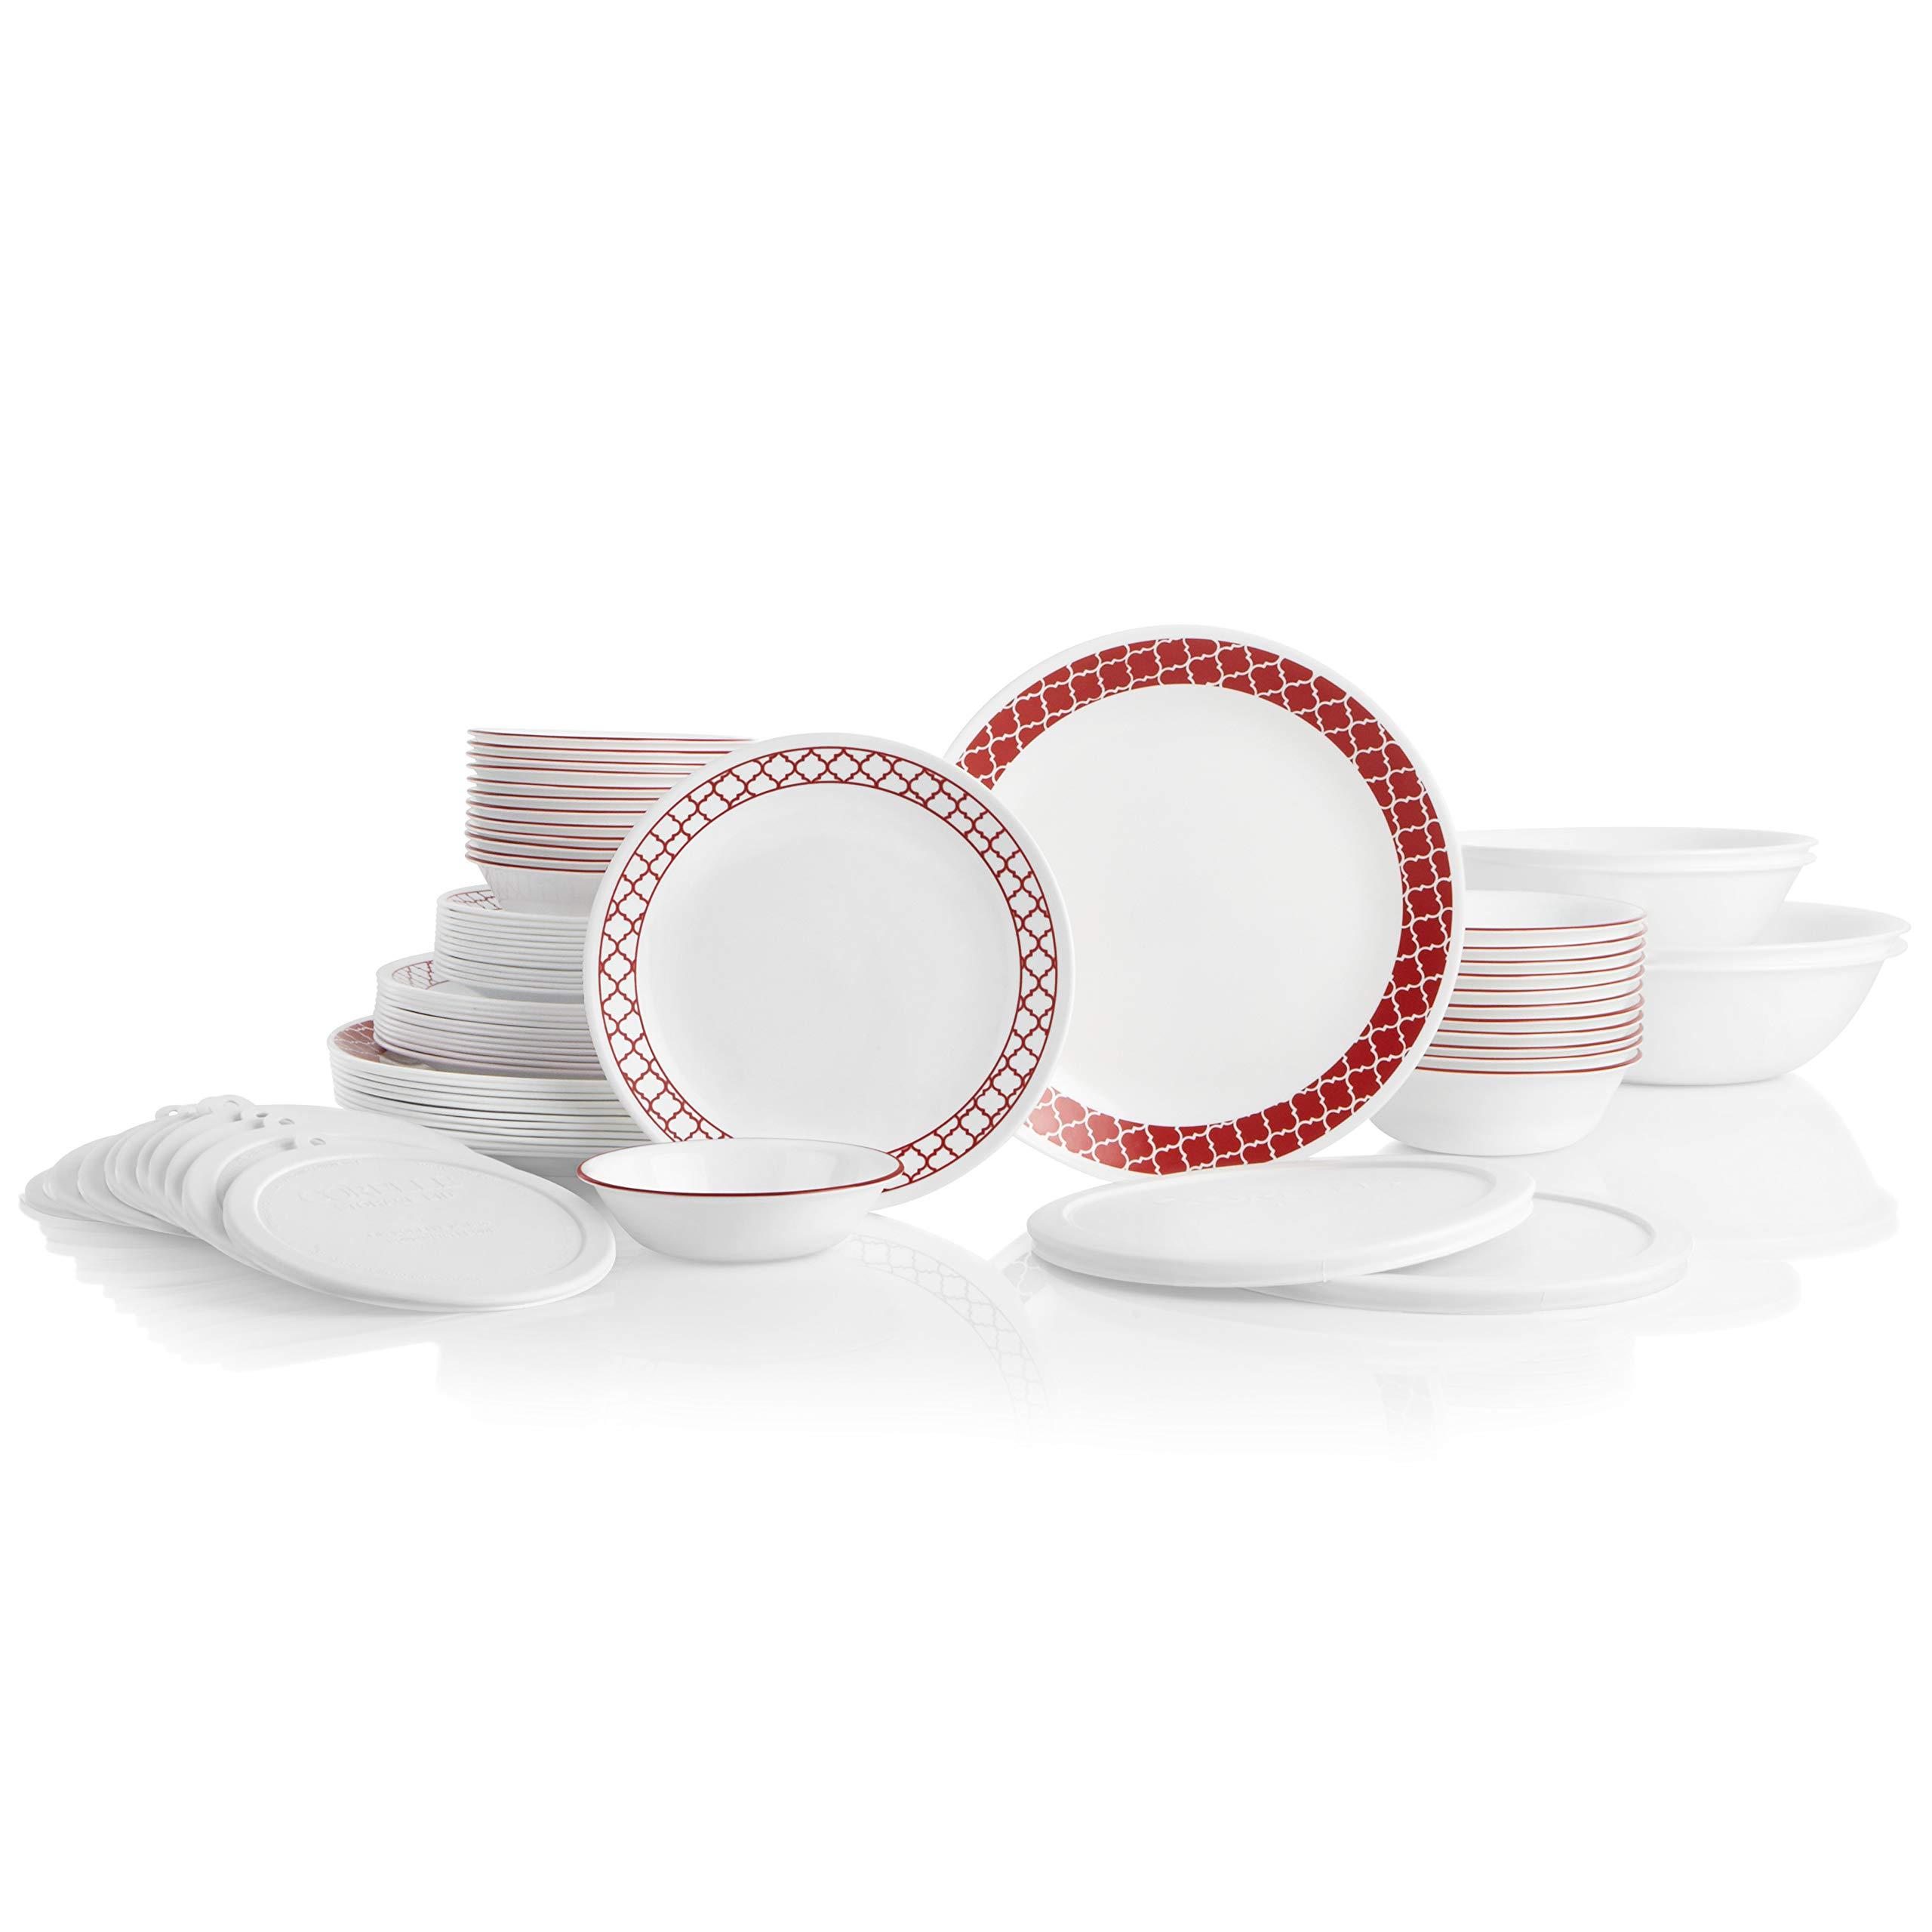 CORELLE 78-Piece Service for 12, Chip Resistant, Crimson Trellis Dinnerware Set,